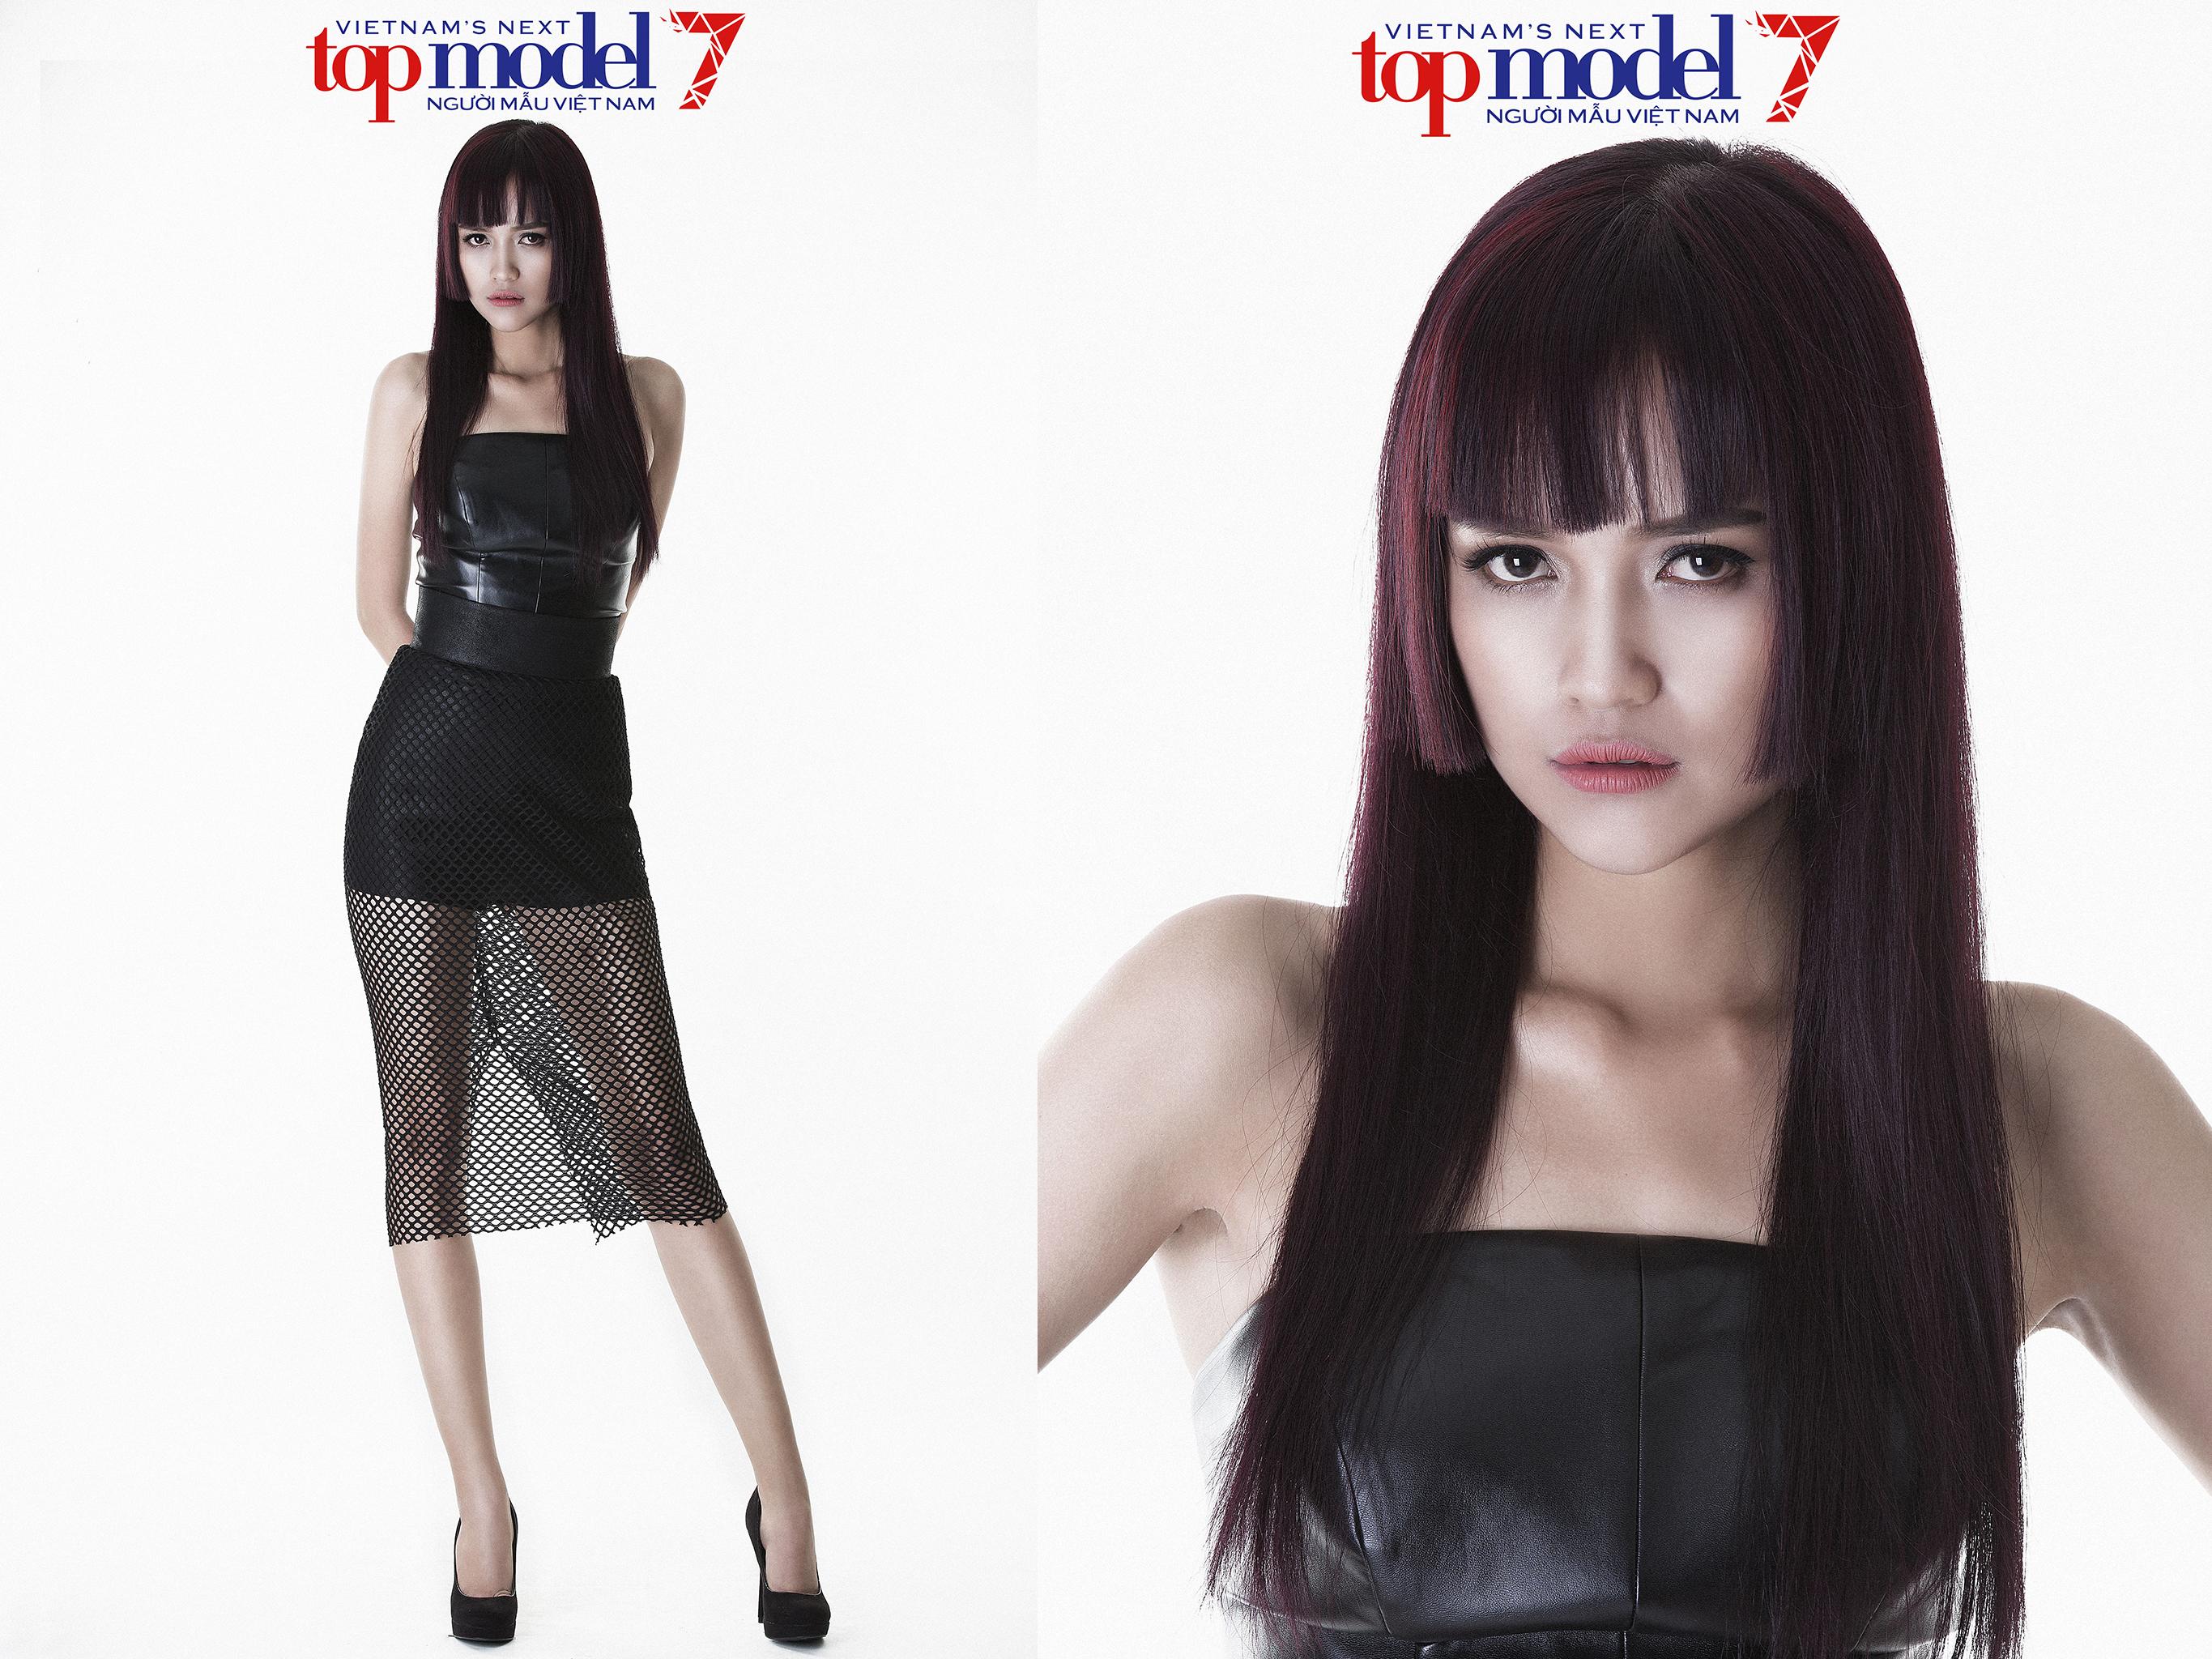 Kết quả hình ảnh cho ngọc châu - vietnam's next top model